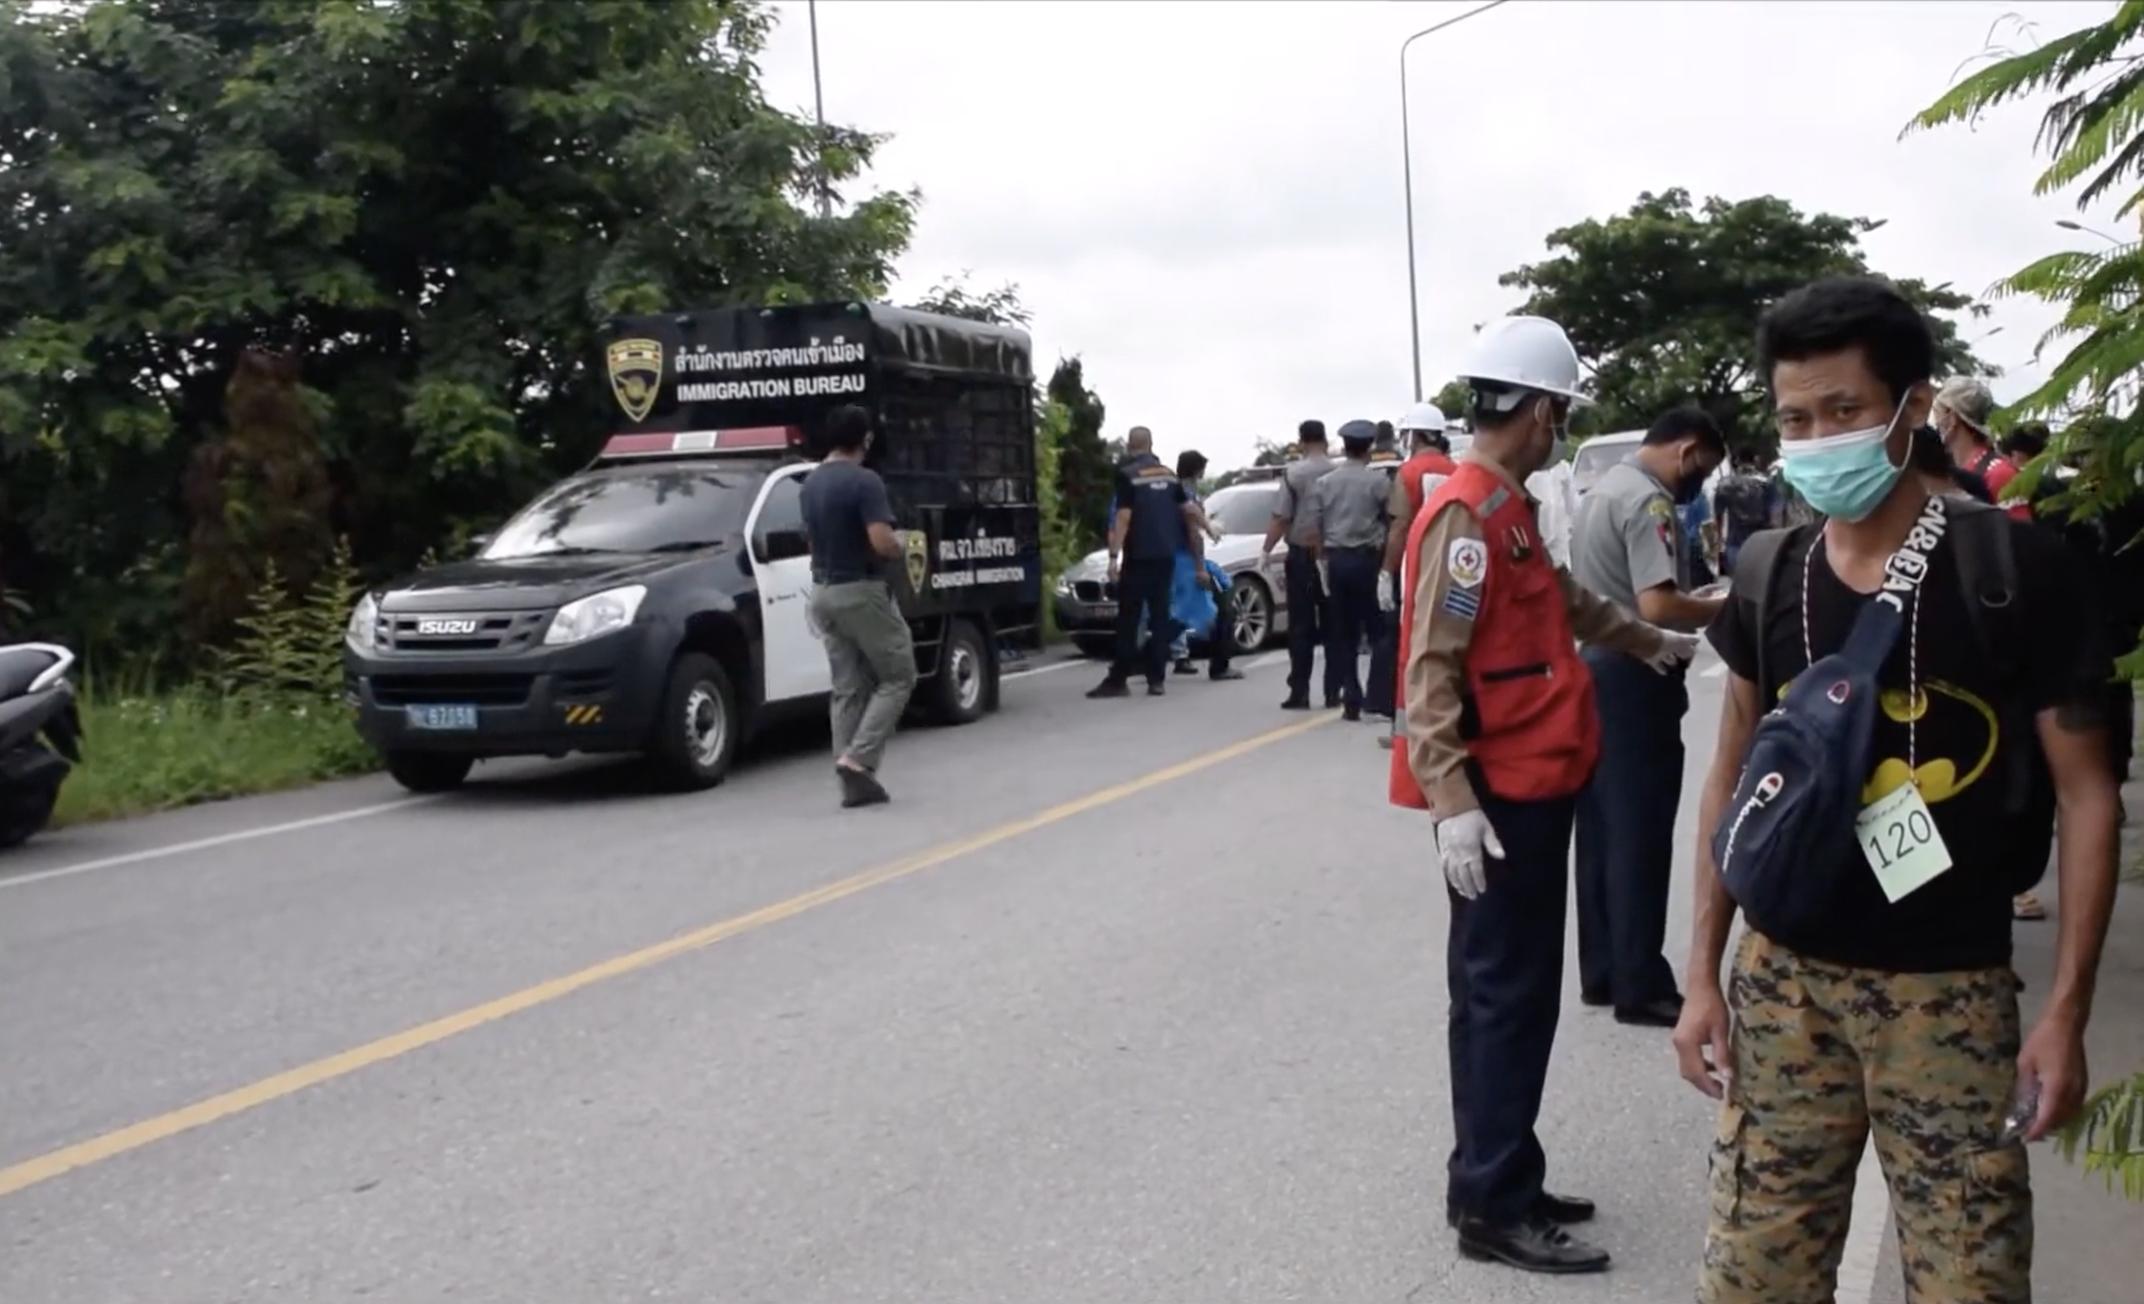 ตม.เชียงราย ผลักดันชาวเมียนม่า 121 คน คดียา-ลอบเข้าเมือง กลับประเทศ